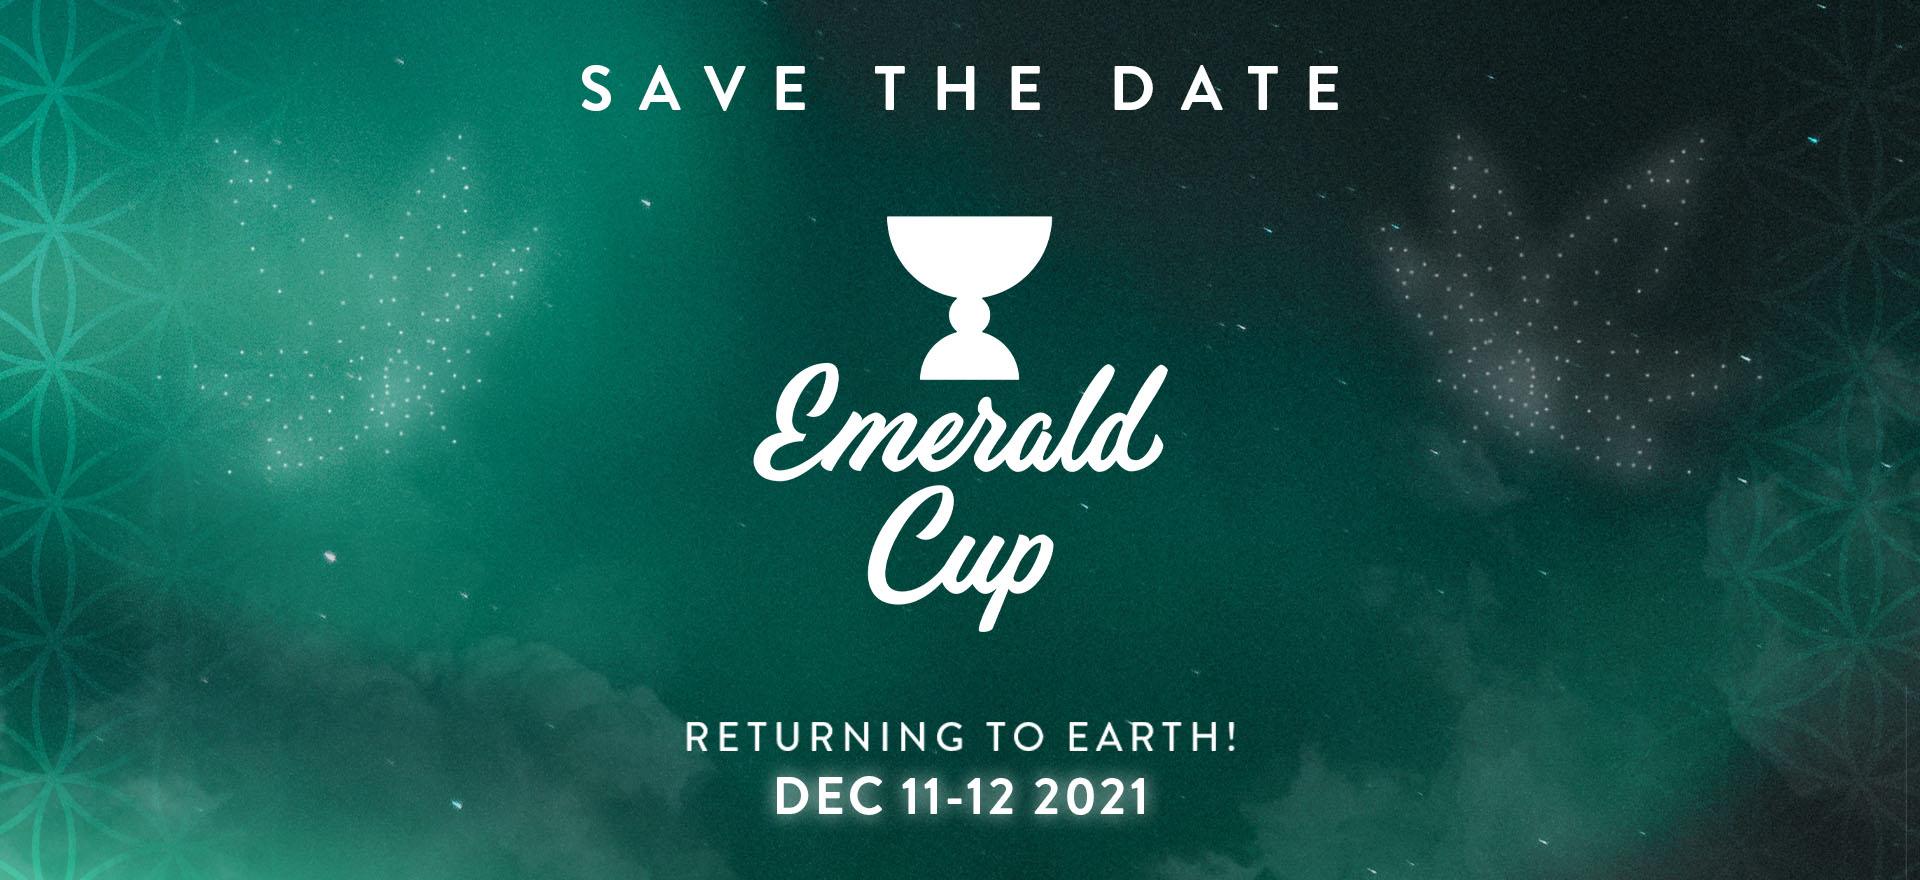 The Emerald Cup Dec. 11-12, 2021